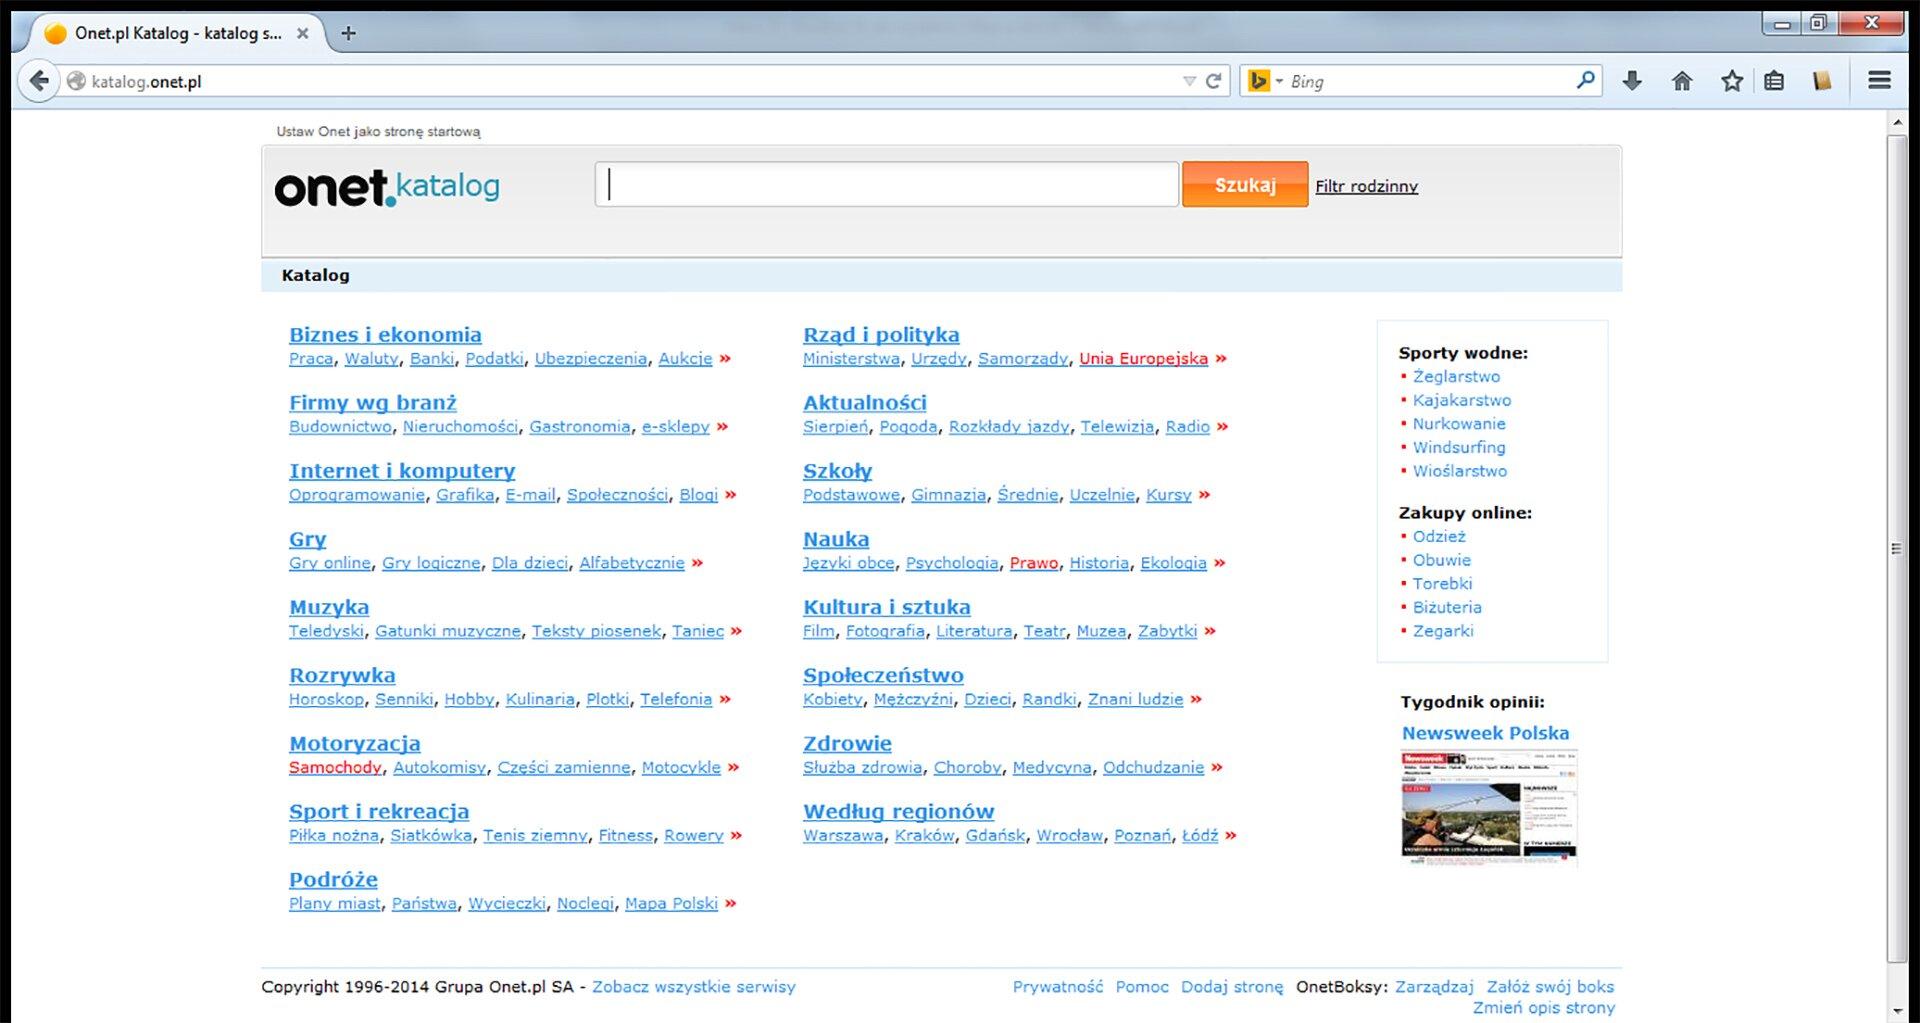 Zrzut okna strony internetowej katalogu portalu Onet